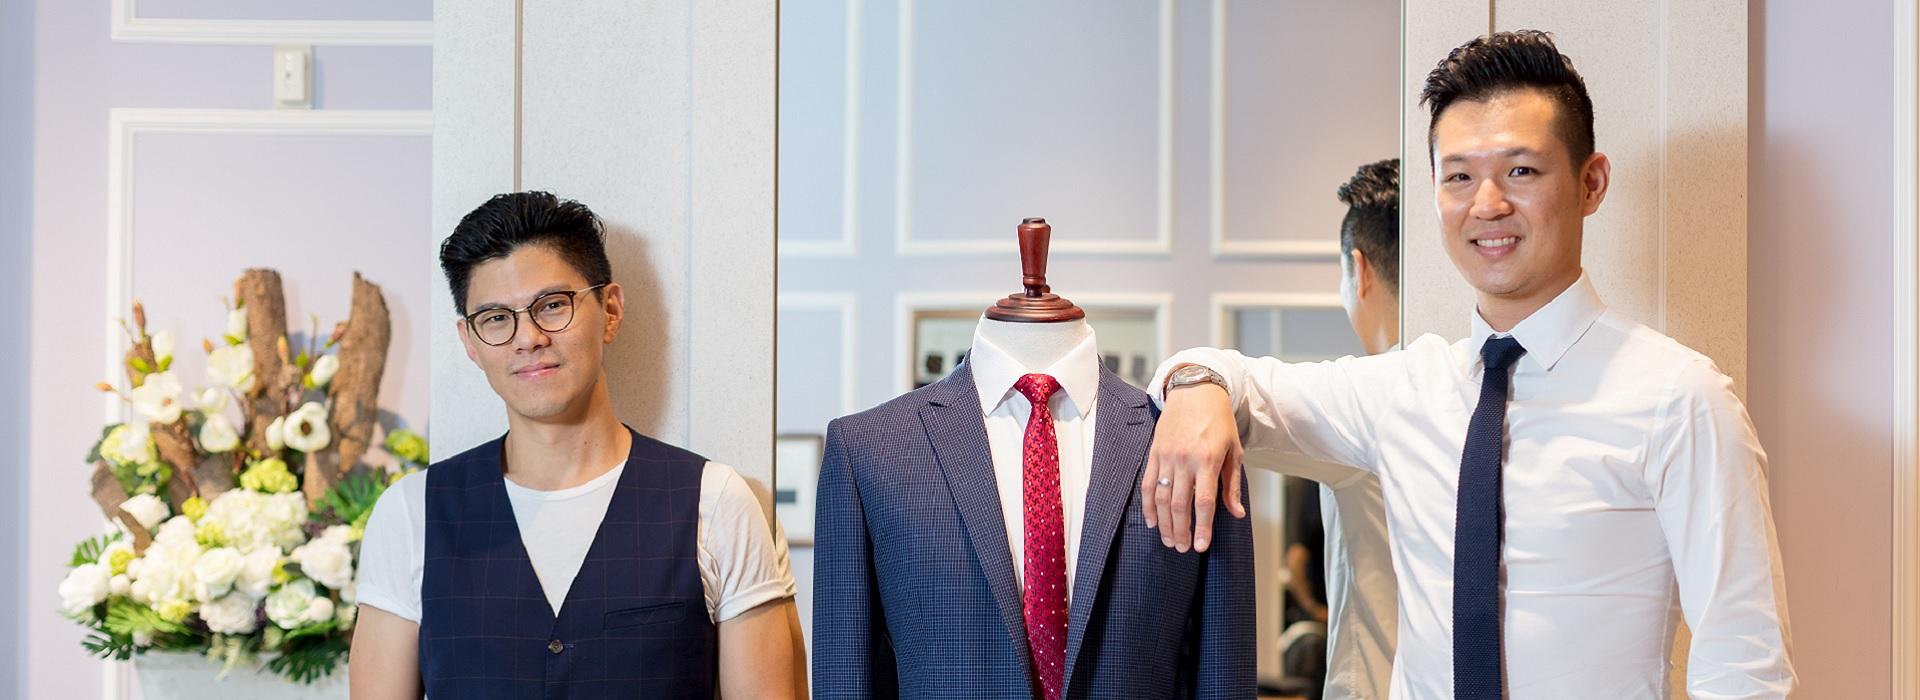 和蘋果Face ID一樣精準! 兩個台灣青年用科技翻轉服飾業